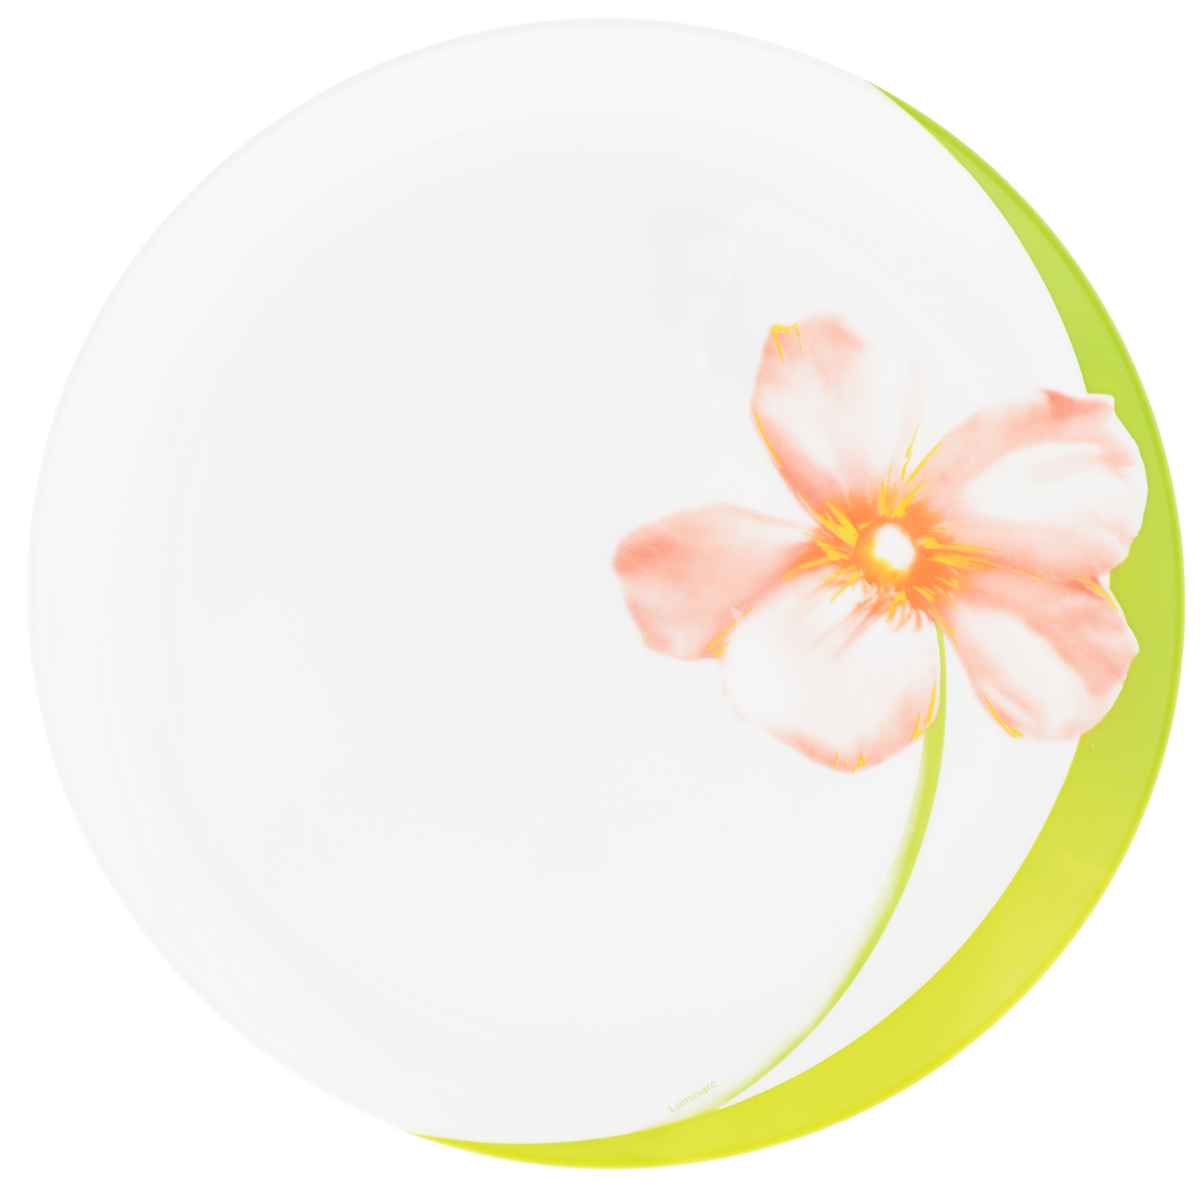 Тарелка обеденная Luminarc Sweet Impression, диаметр 25 смJ4655Обеденная тарелка Luminarc Sweet Impression, изготовленная извысококачественного стекла, имеет изысканный внешний вид. Такой дизайн придется по вкусу и ценителямклассики, и тем, кто предпочитает утонченность.Тарелка Luminarc Sweet Impression идеально подойдет для сервировки стола и станет отличным подарком к любому празднику.